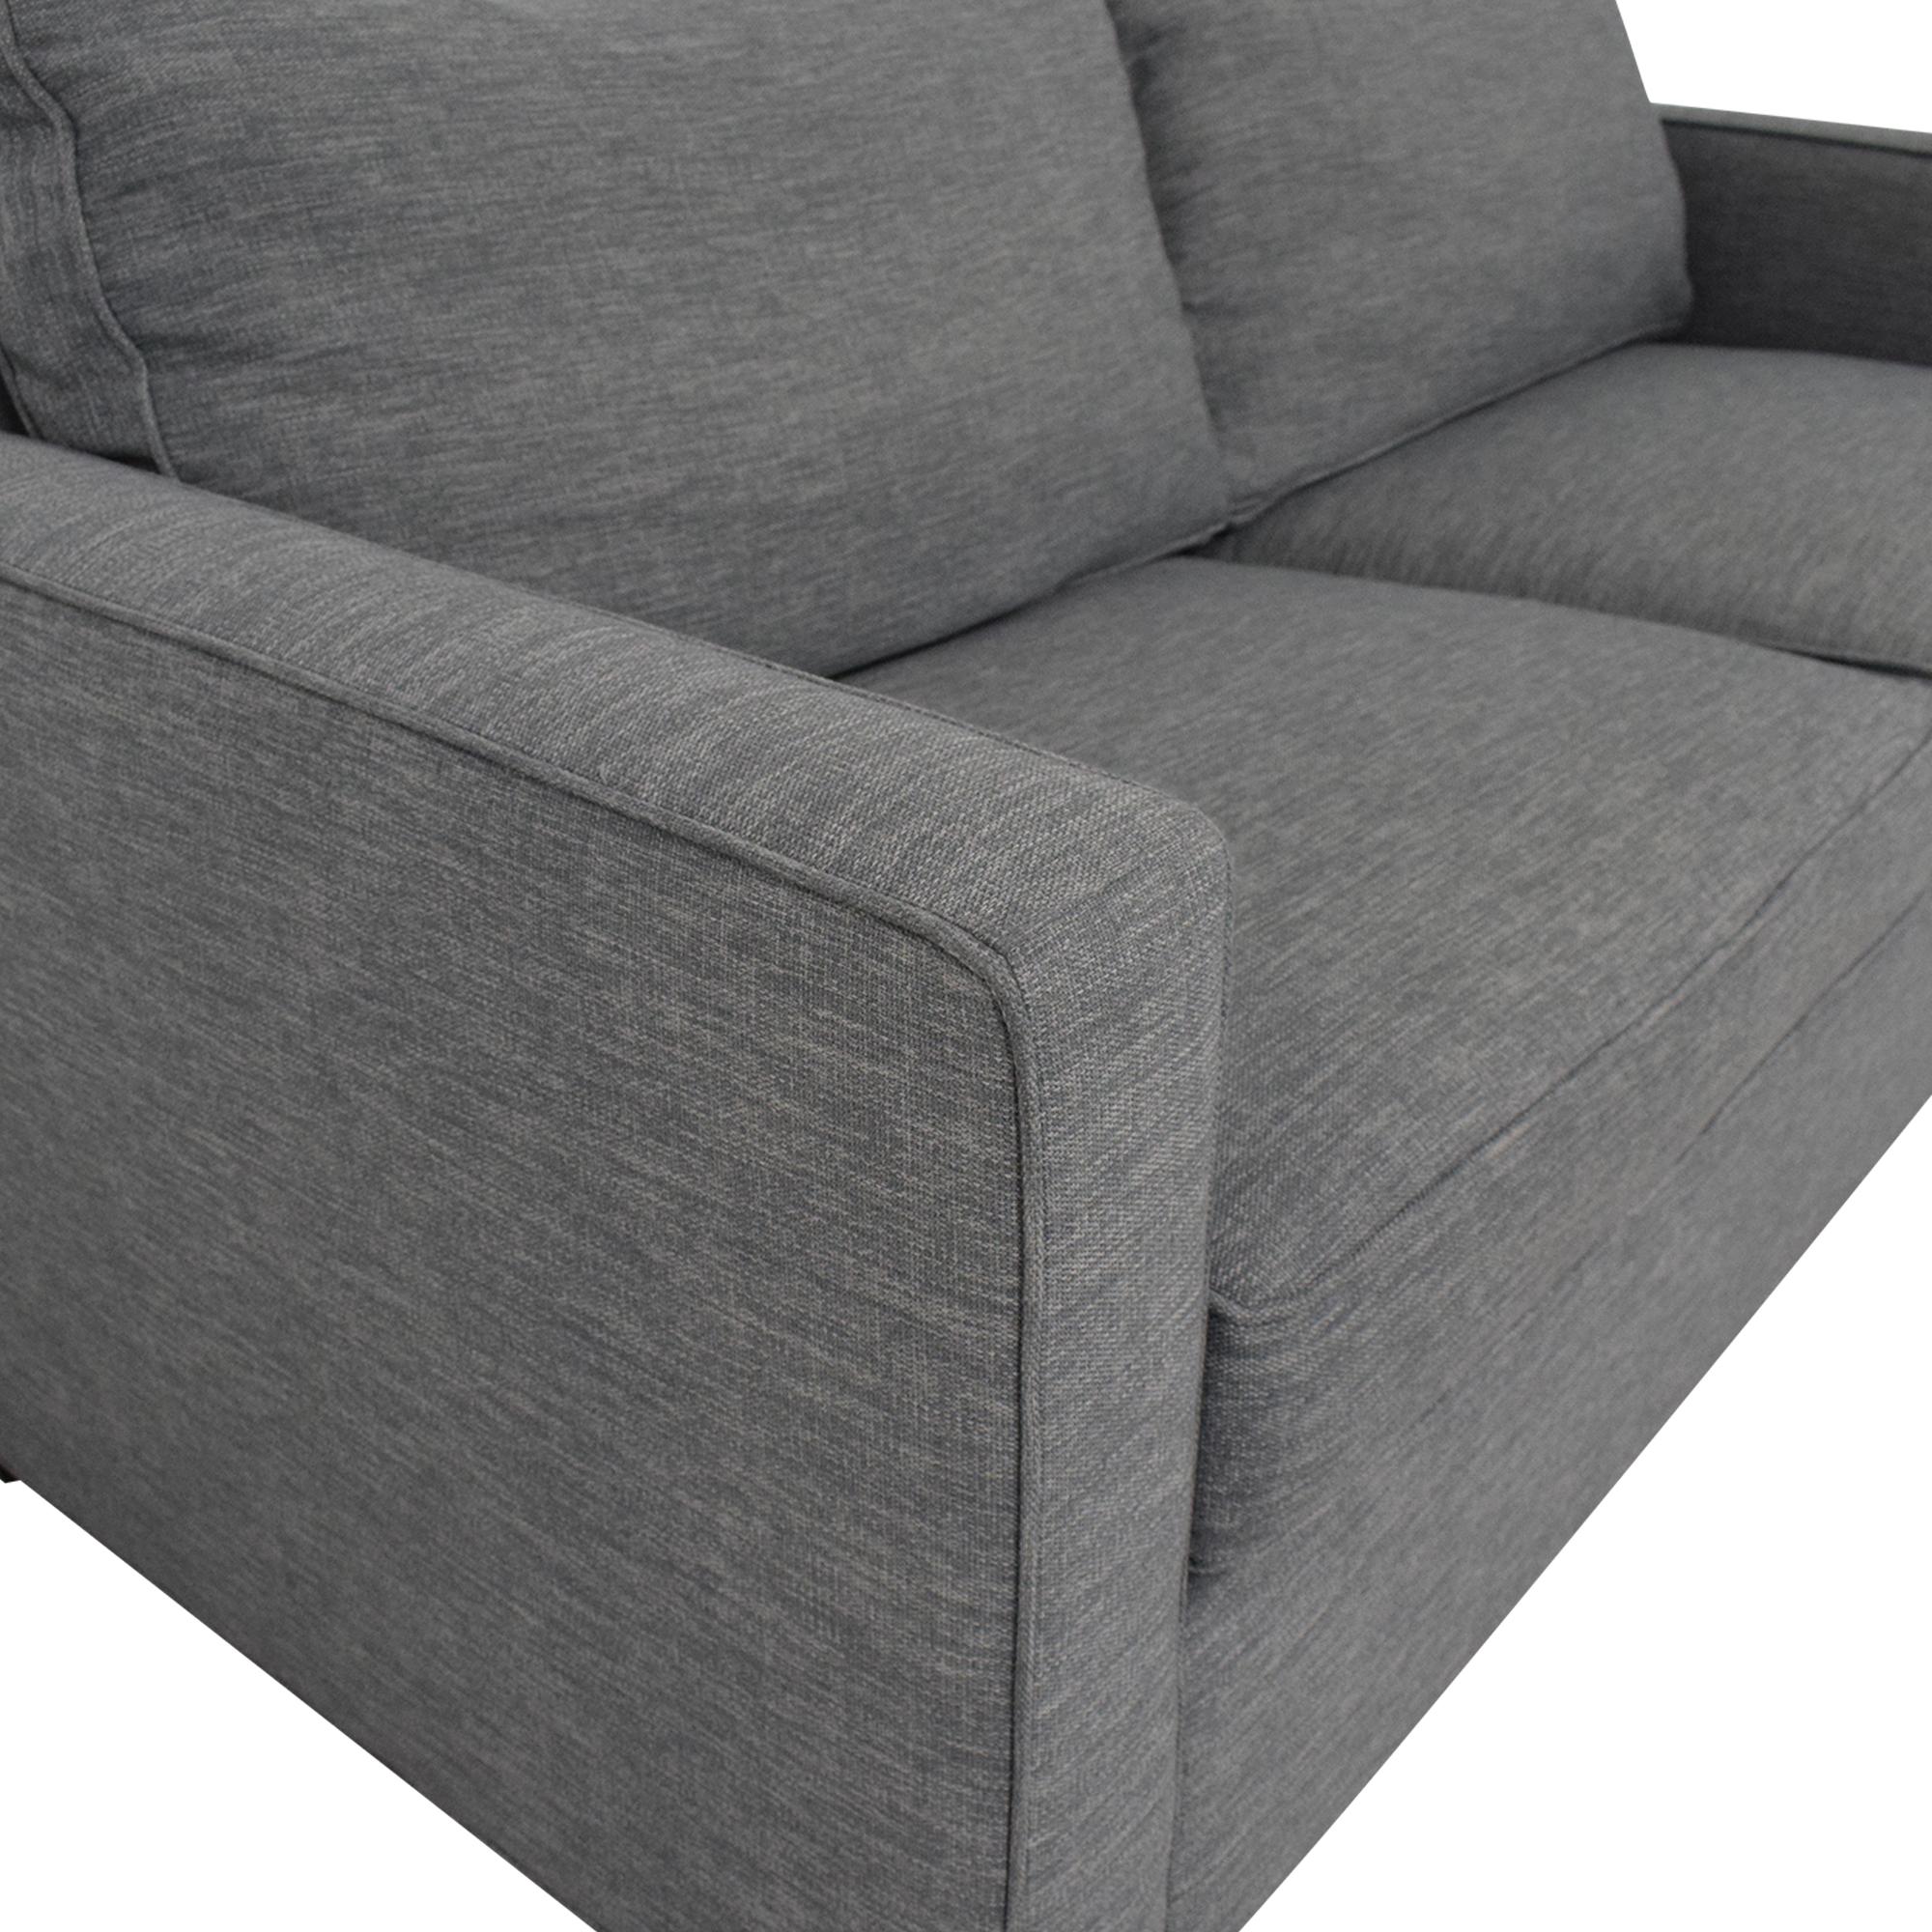 Crate & Barrel Crate & Barrel Davis Sofa on sale